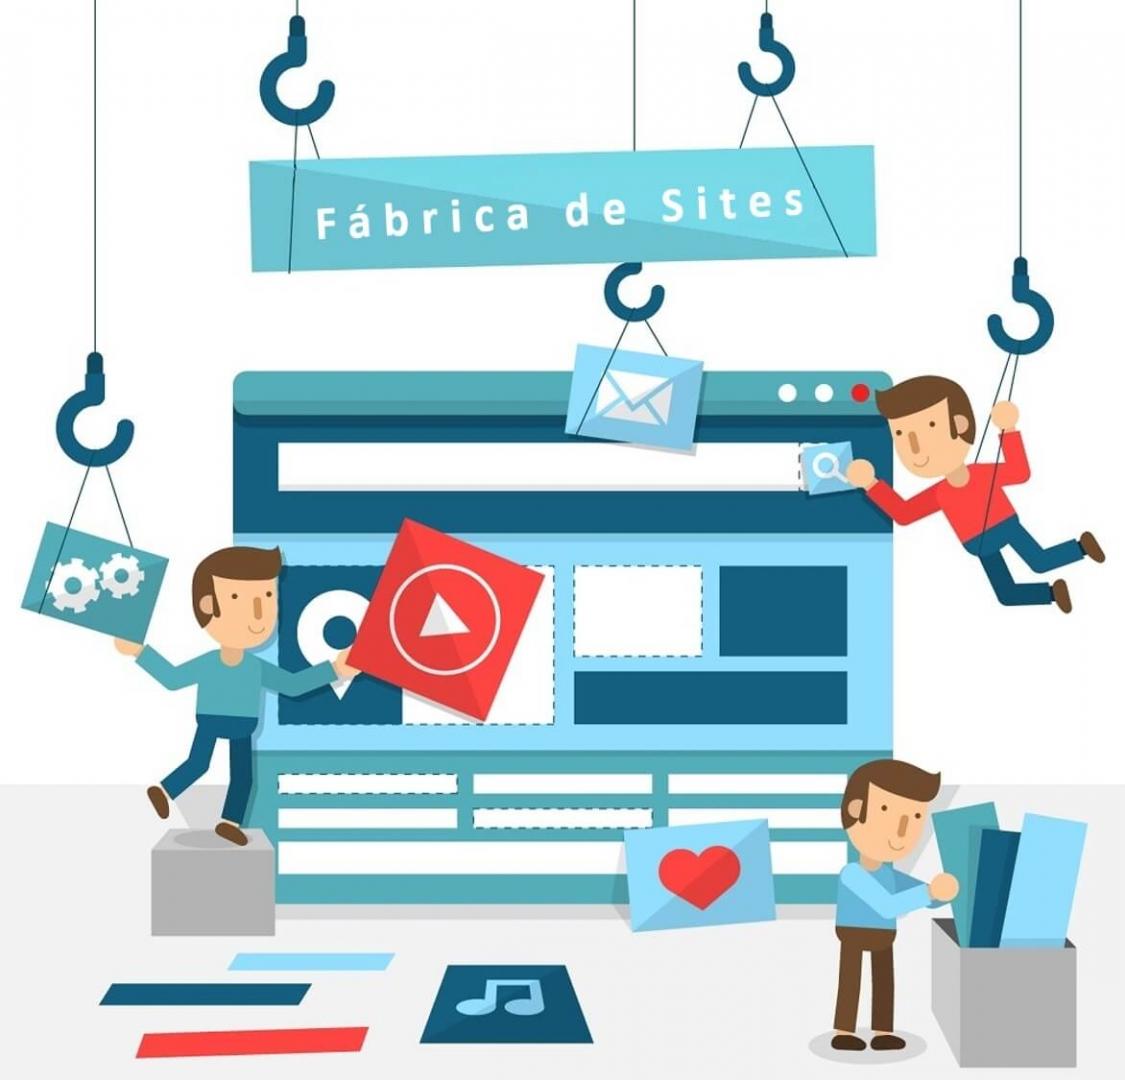 Fabrica de sites